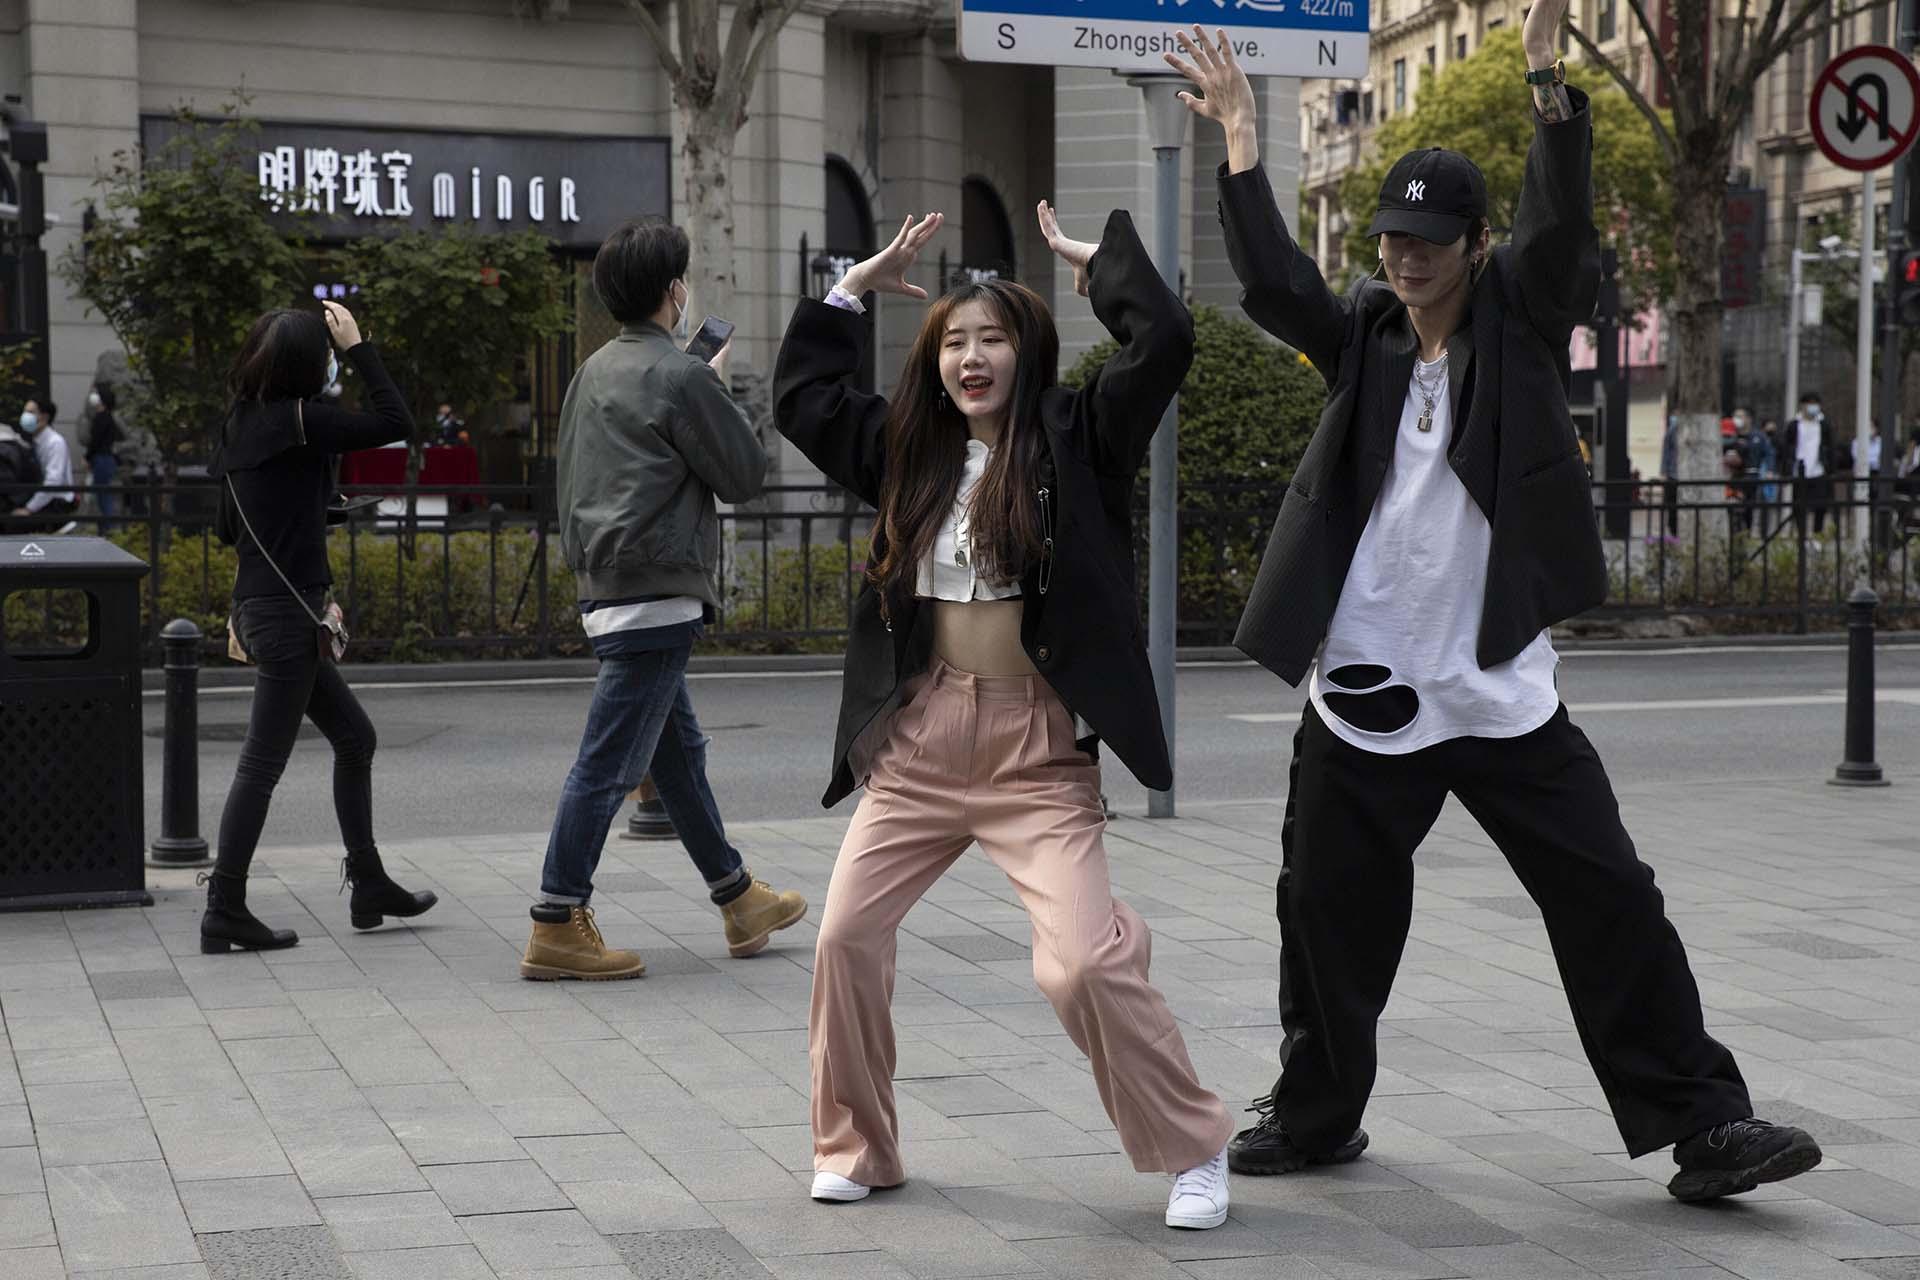 Una pareja de jóvenes se quitan sus máscaras faciales para grabar una coreografía en las calles de Wuhan, China (AP Photo/Ng Han Guan)